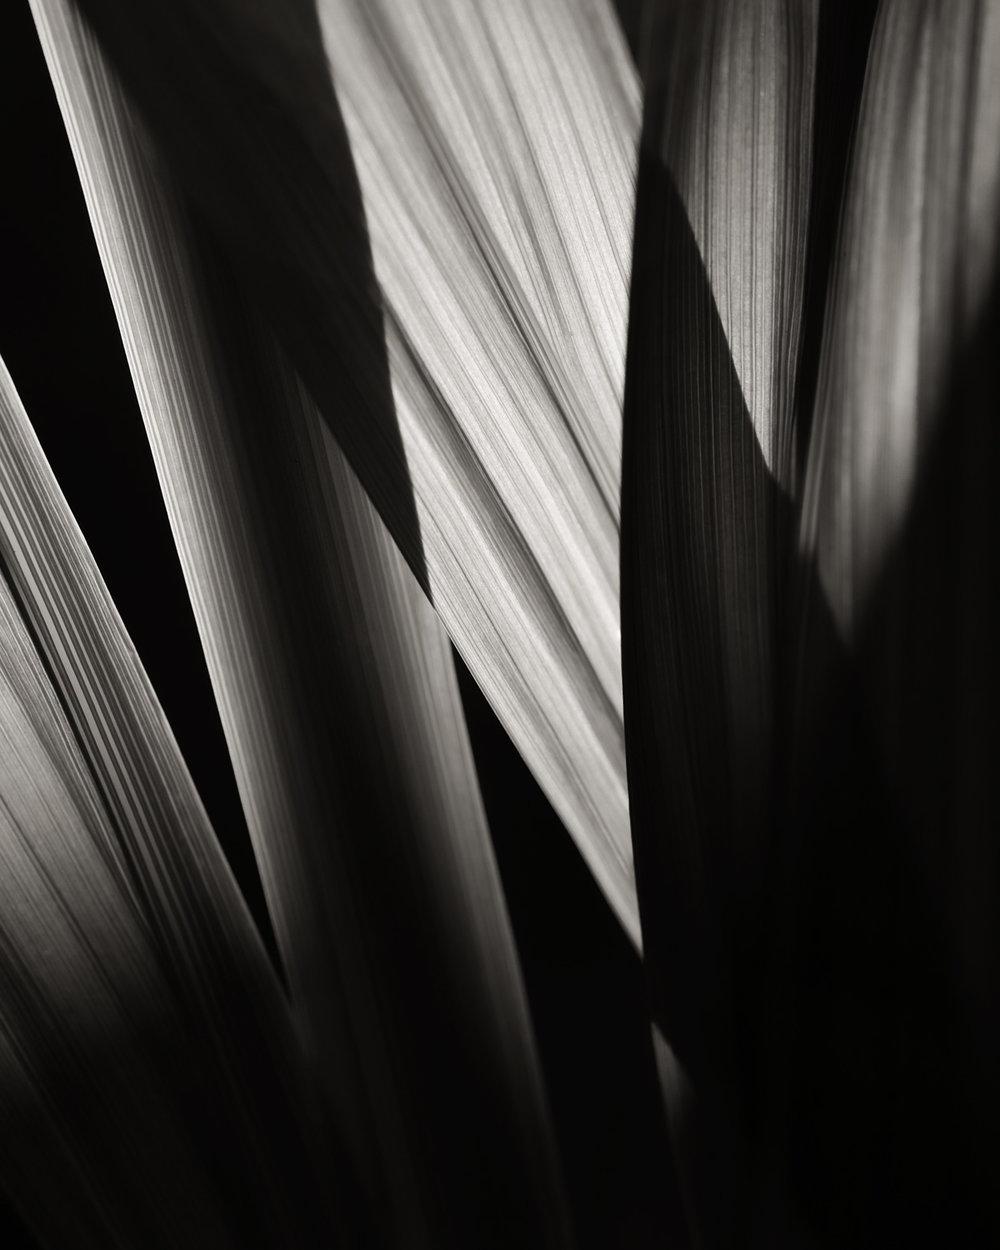 3 Iris Leaves 3.jpg